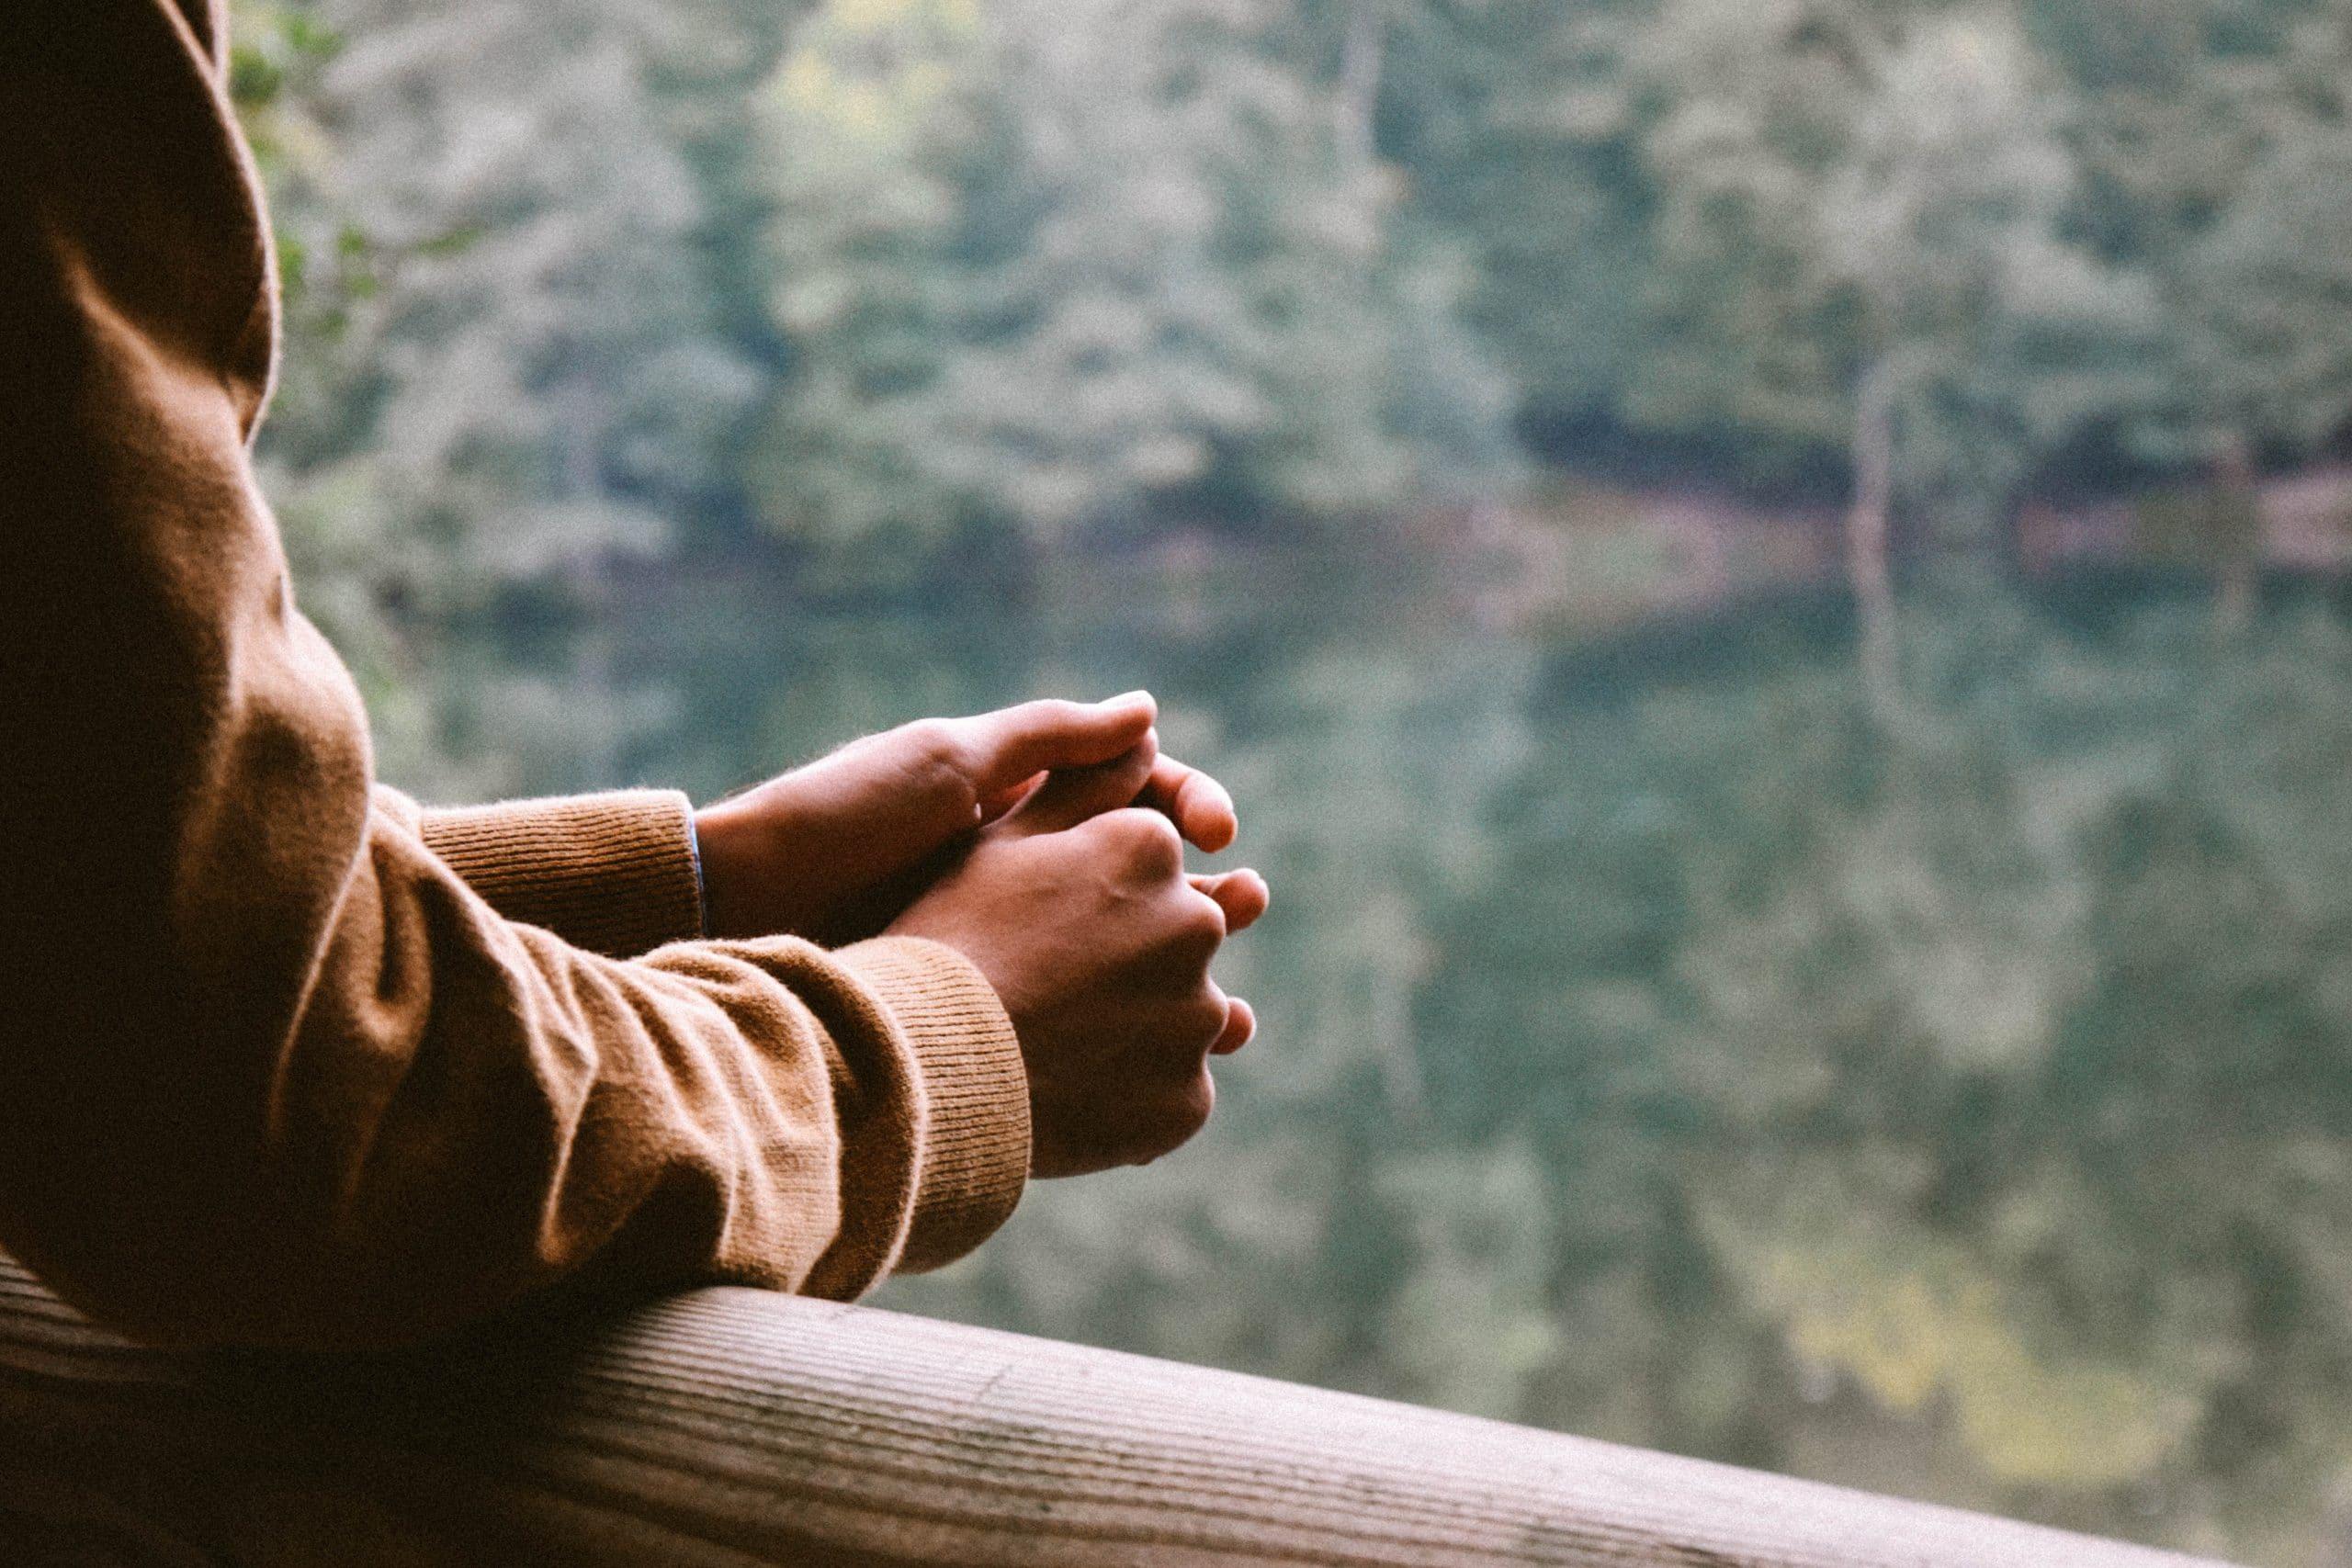 Pessoa com os braços encostados em uma varanda em frente a uma floresta.